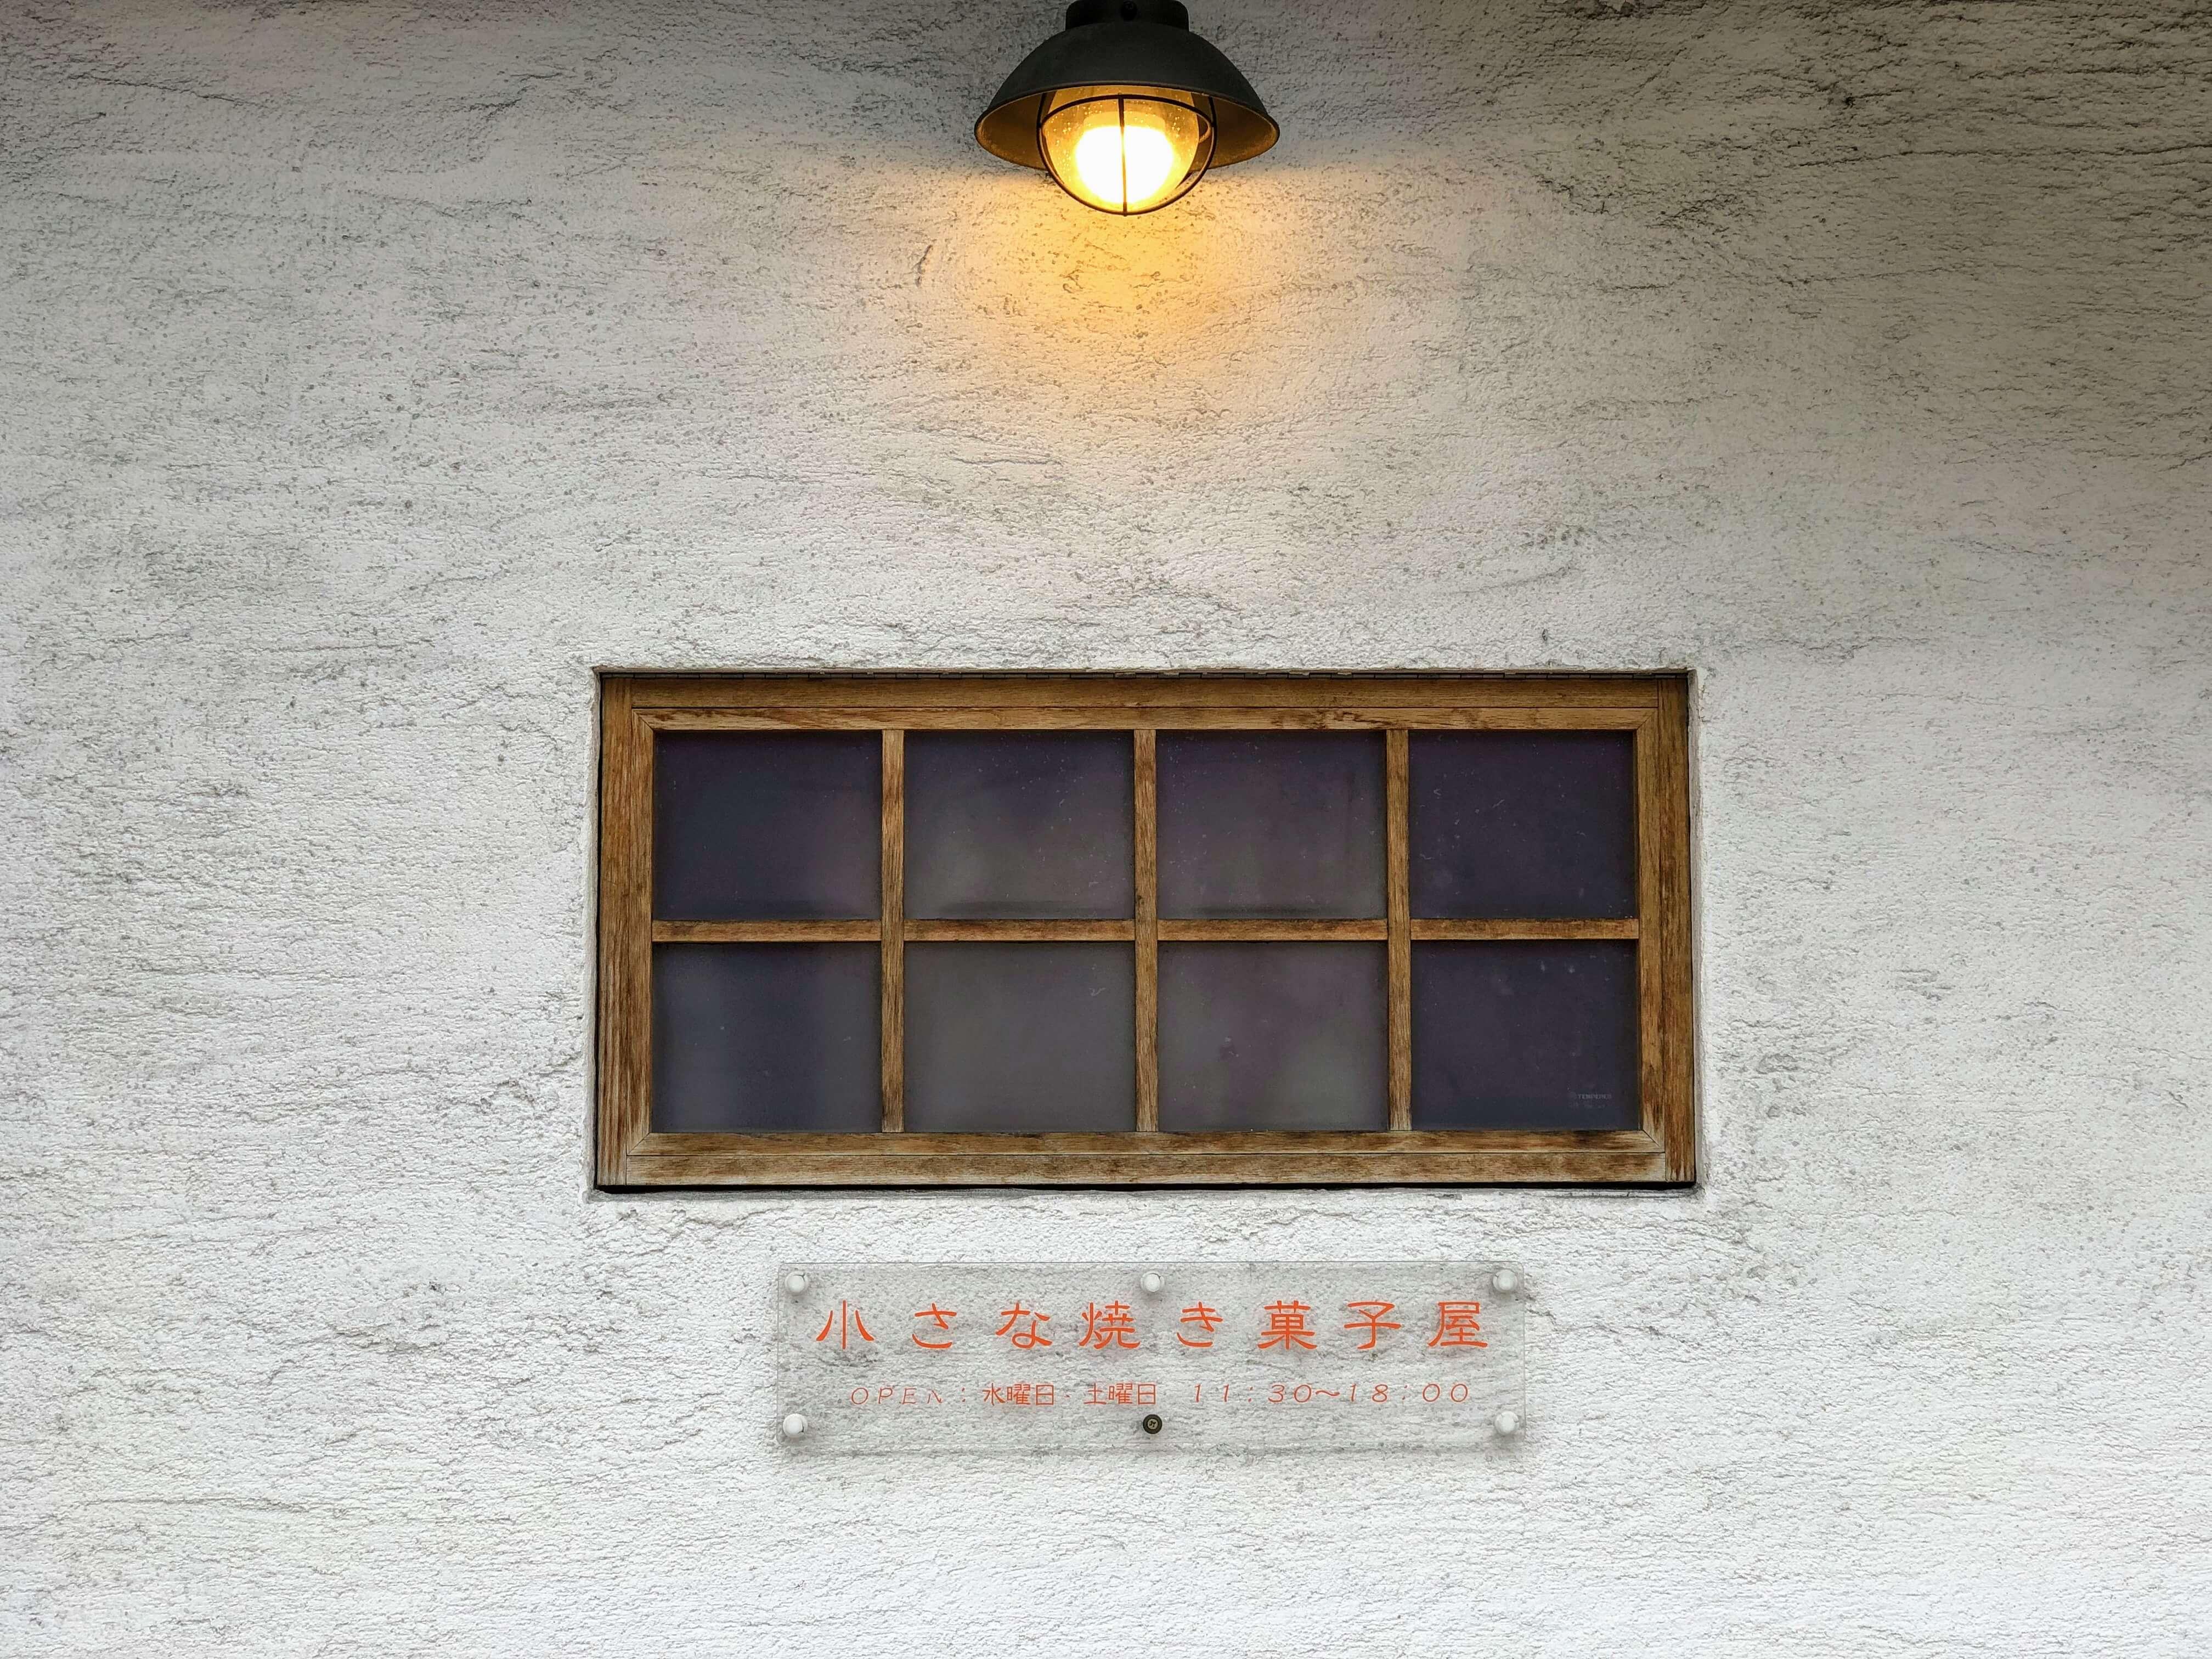 『小さな焼き菓子屋』の店舗情報